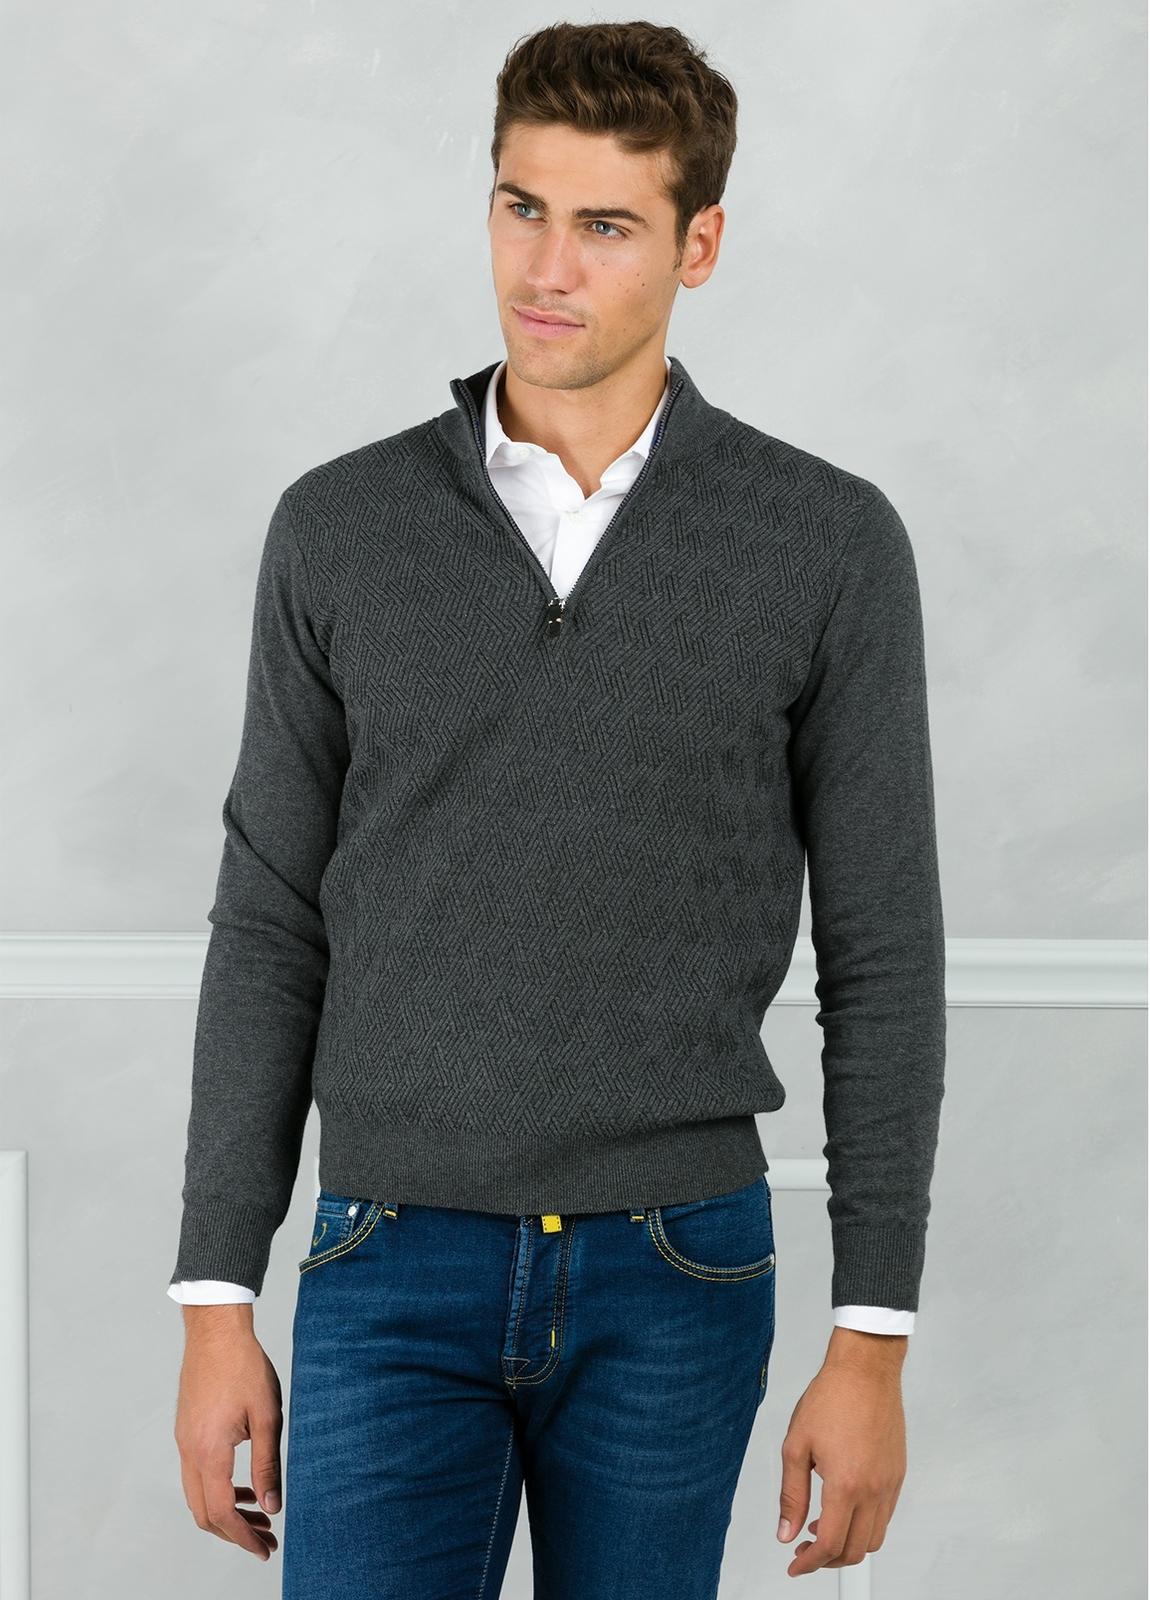 Jersey cuello zip con cremallera y dibujo frontal, color gris. 90% Algodón 10% Cashmere. - Ítem2